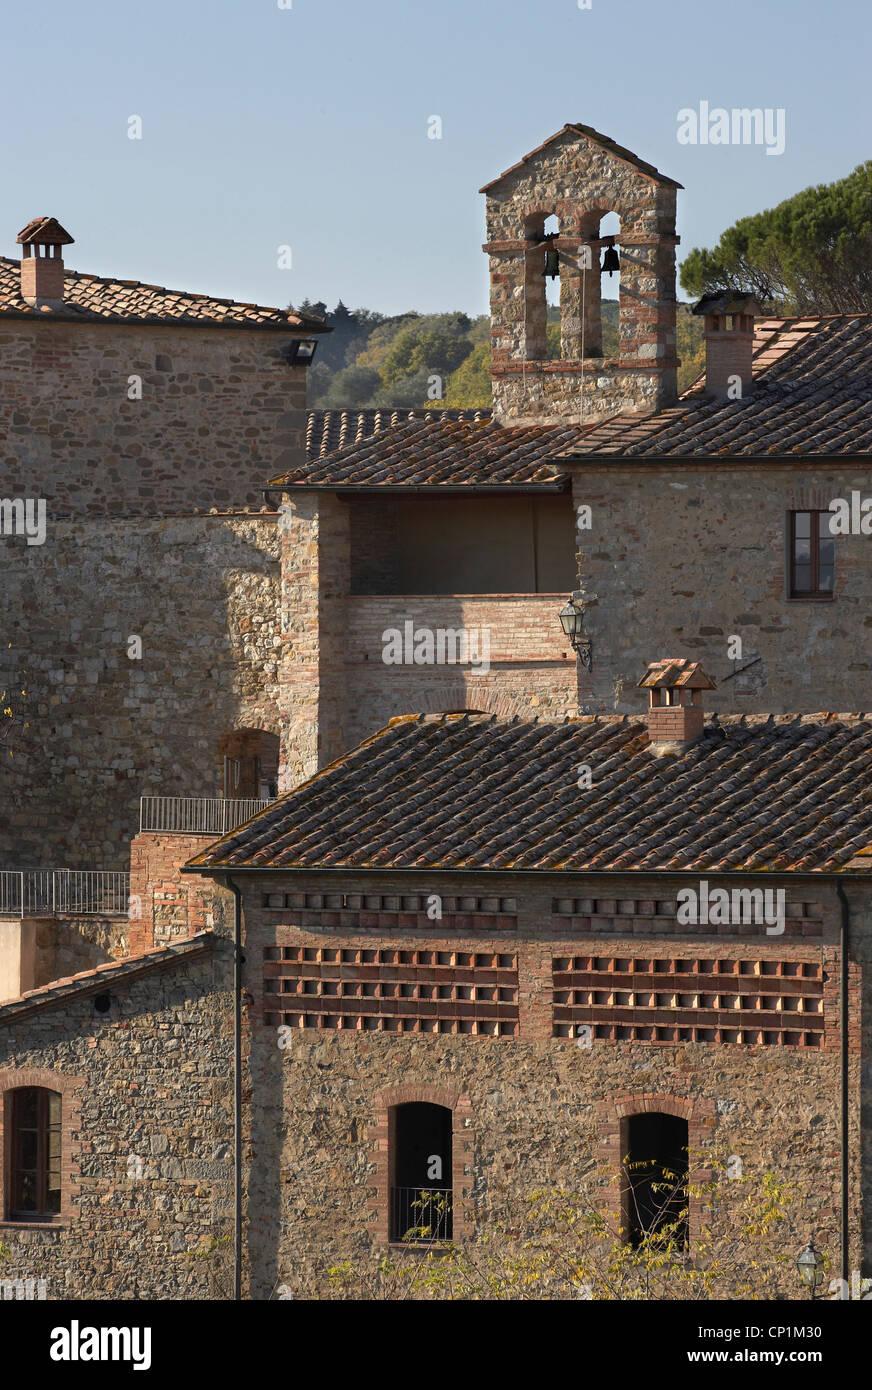 Gebäude-Fassaden und Dächer, Castel Monastero, Castelnuovo Berardenga, Toskana, Italien. Stockbild